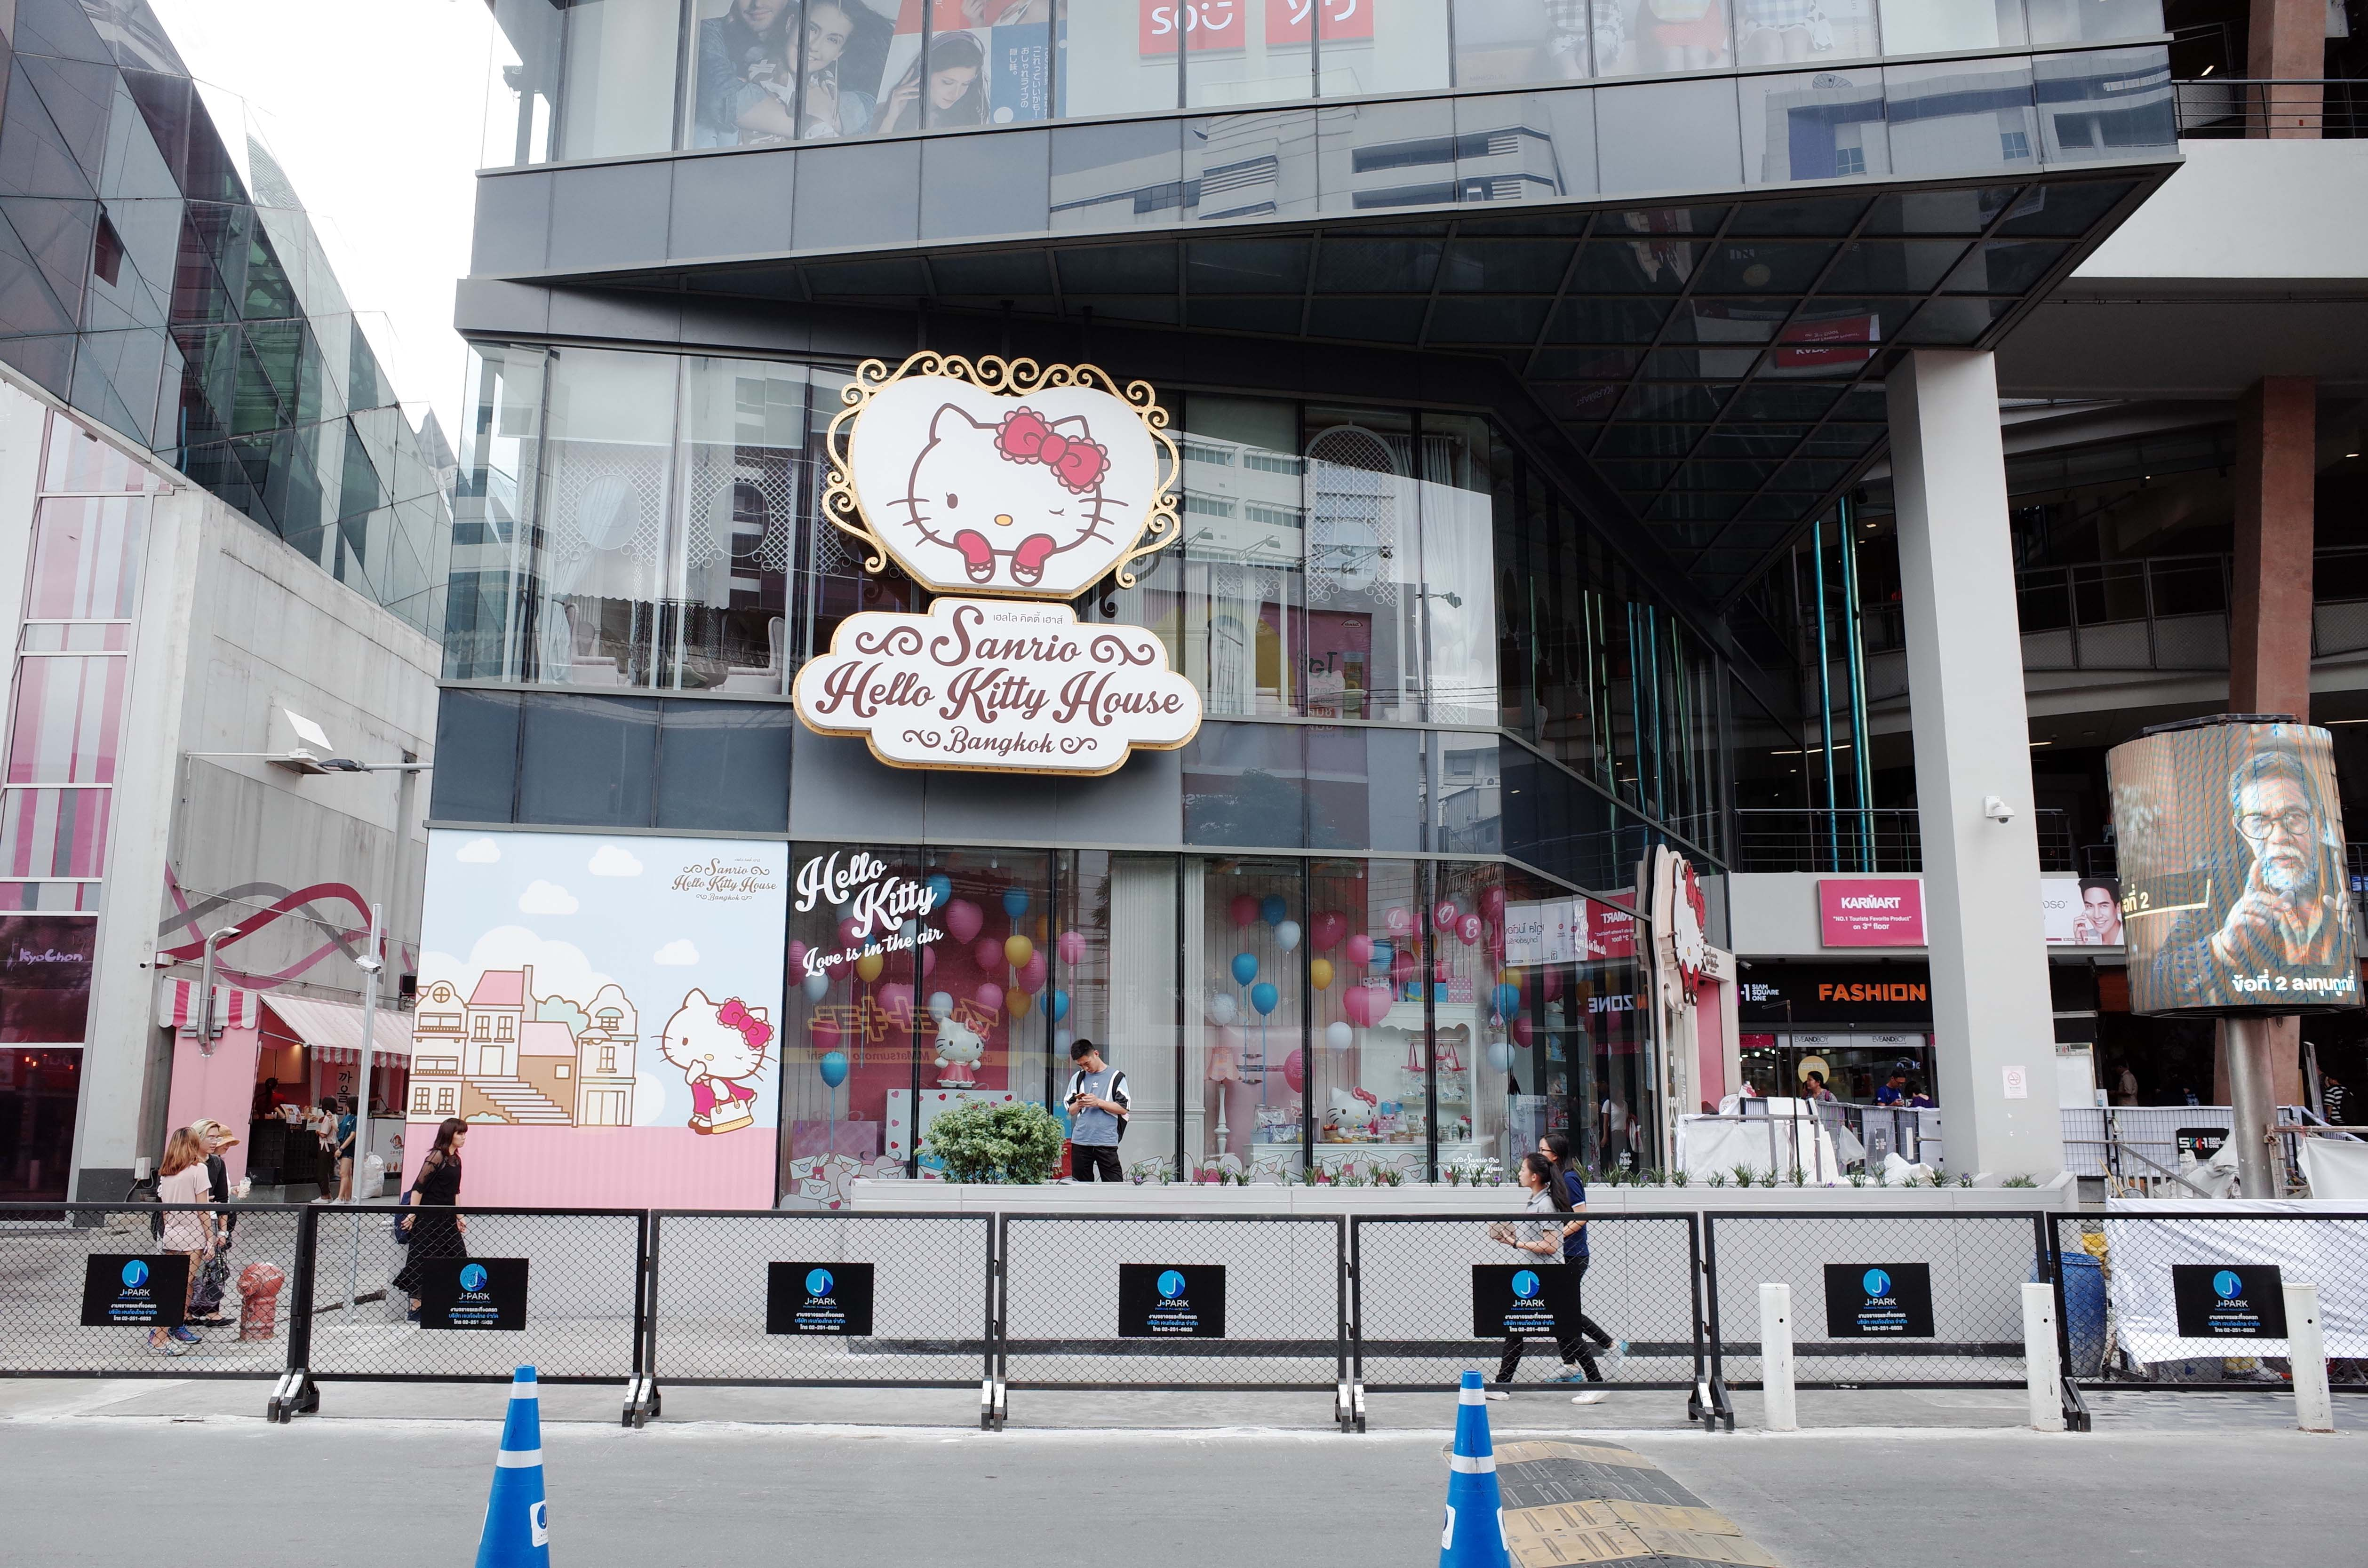 Toàn cảnh Sanrio Hello Kitty House tại Siam Square One